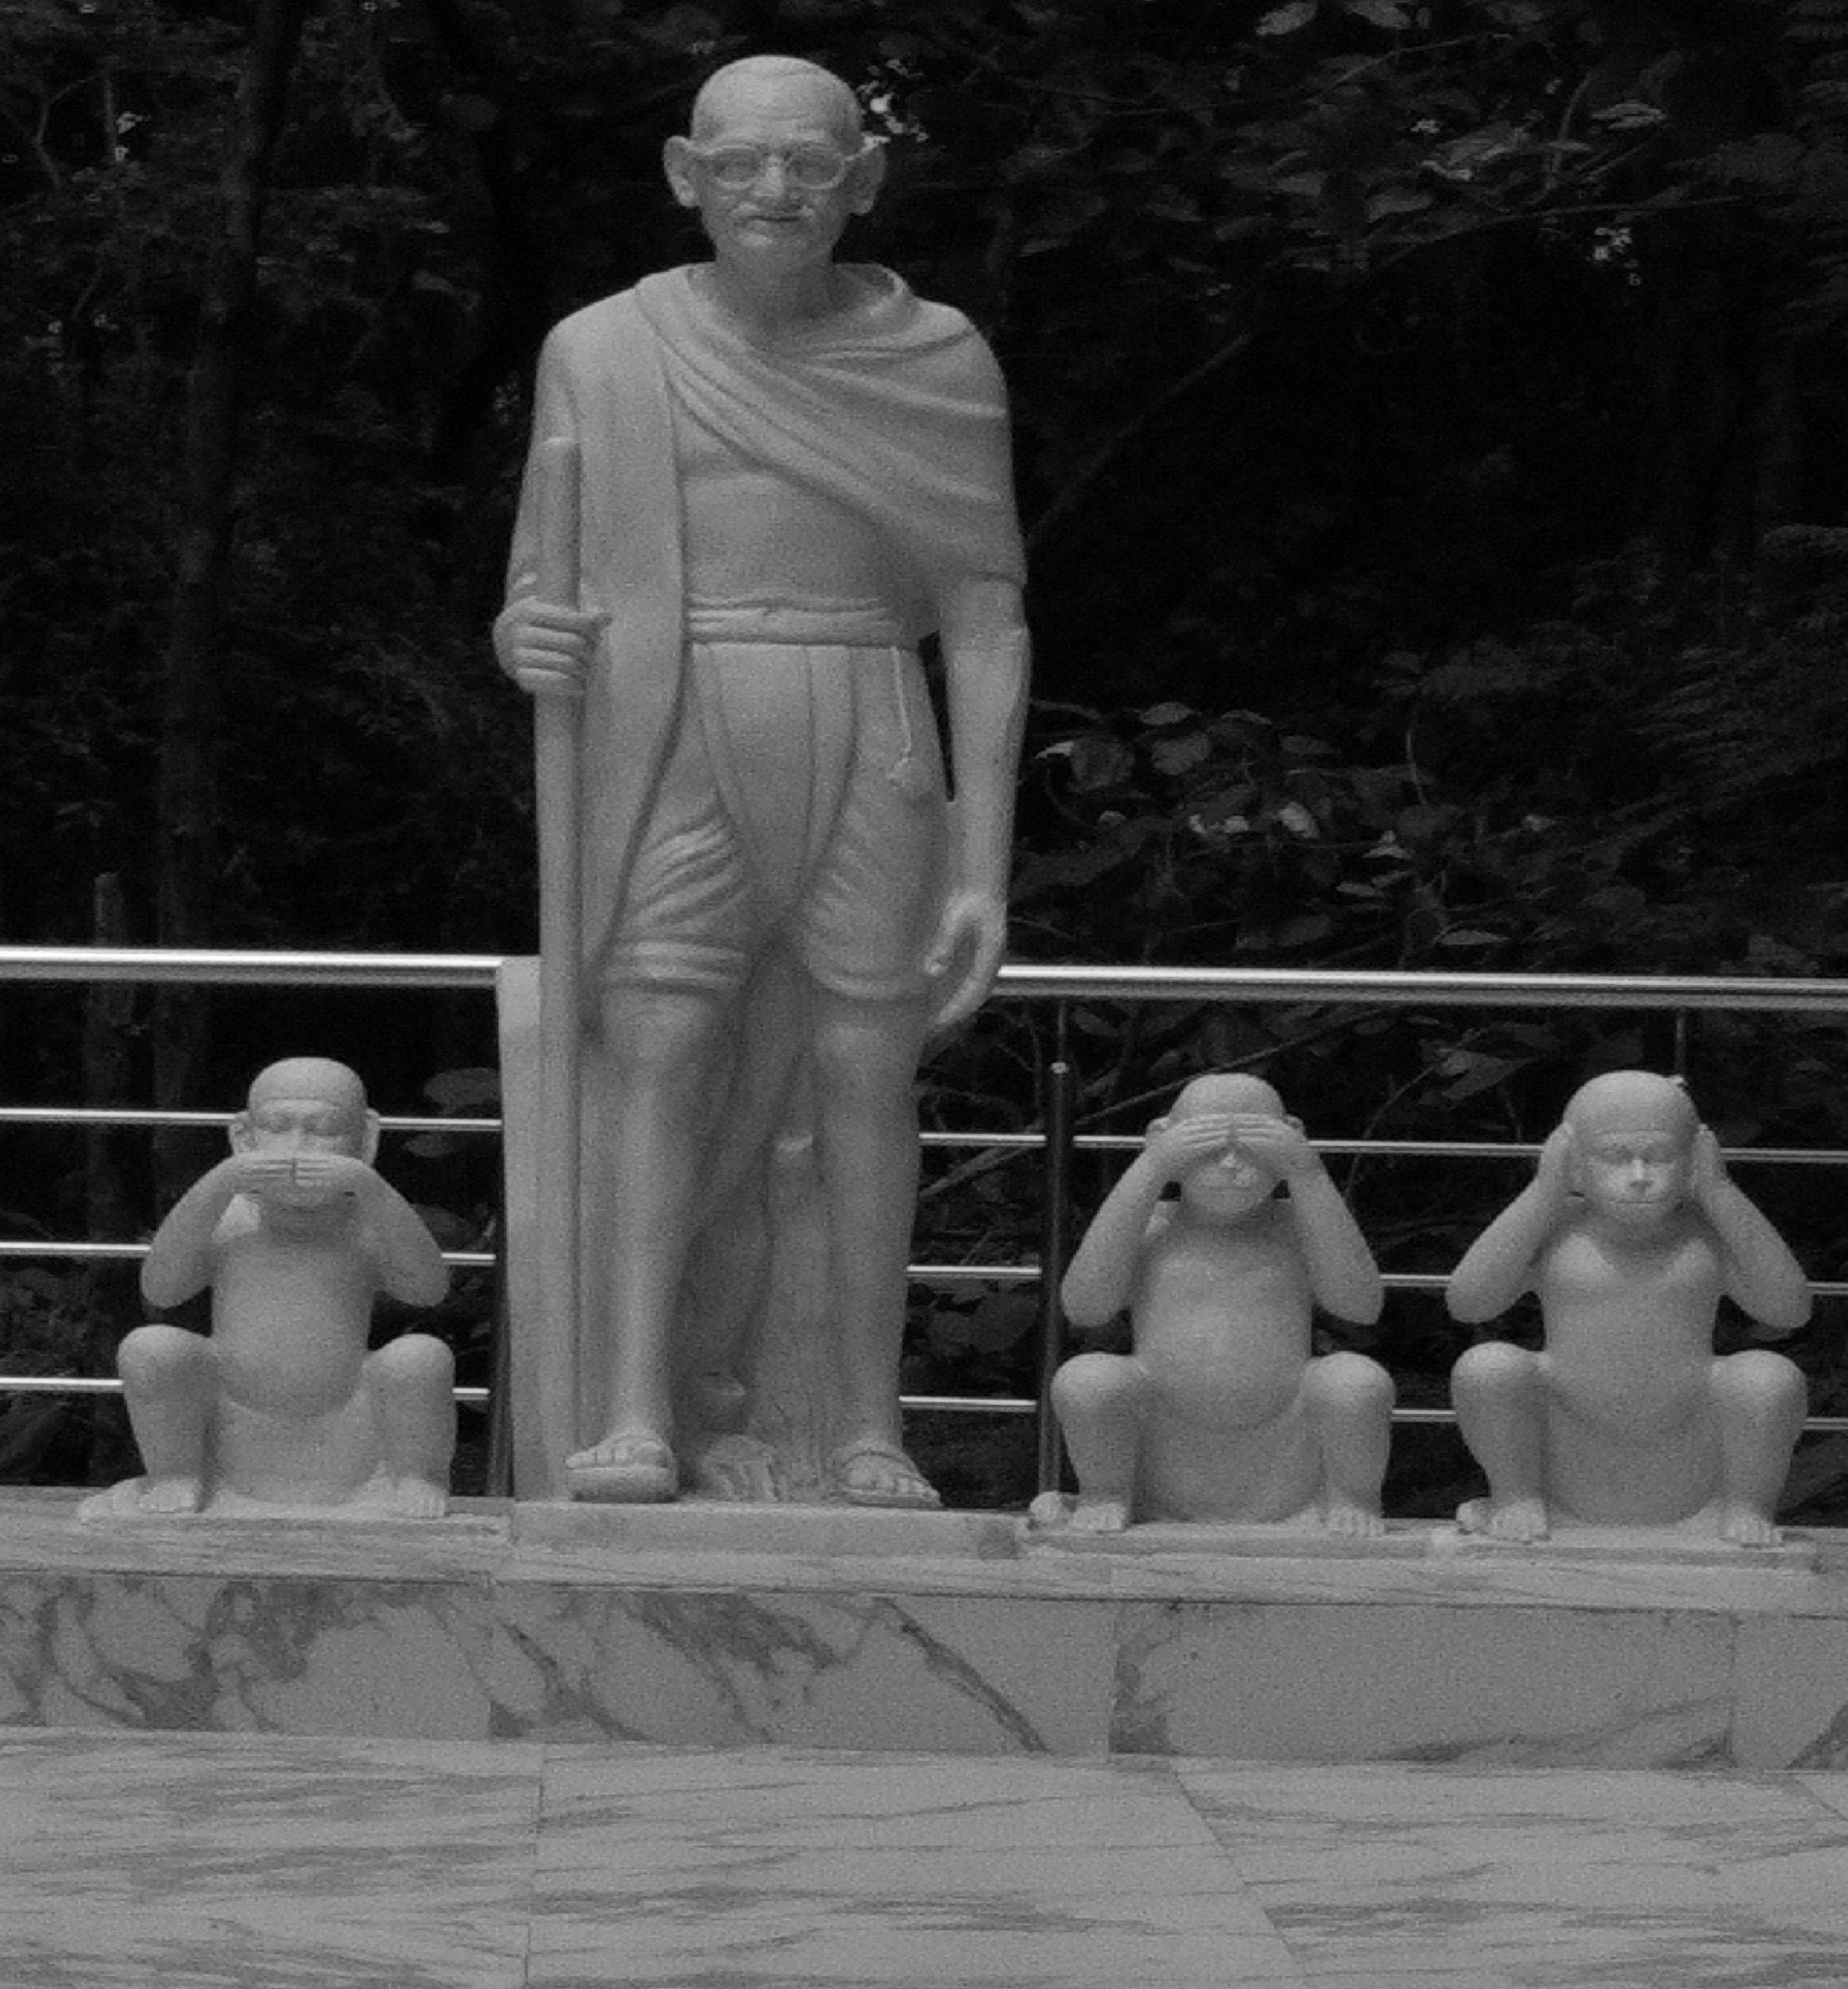 वाराणसी के राजघाट स्थित सर्व सेवा संघ परिसर में गांधी जी की प्रतिमा